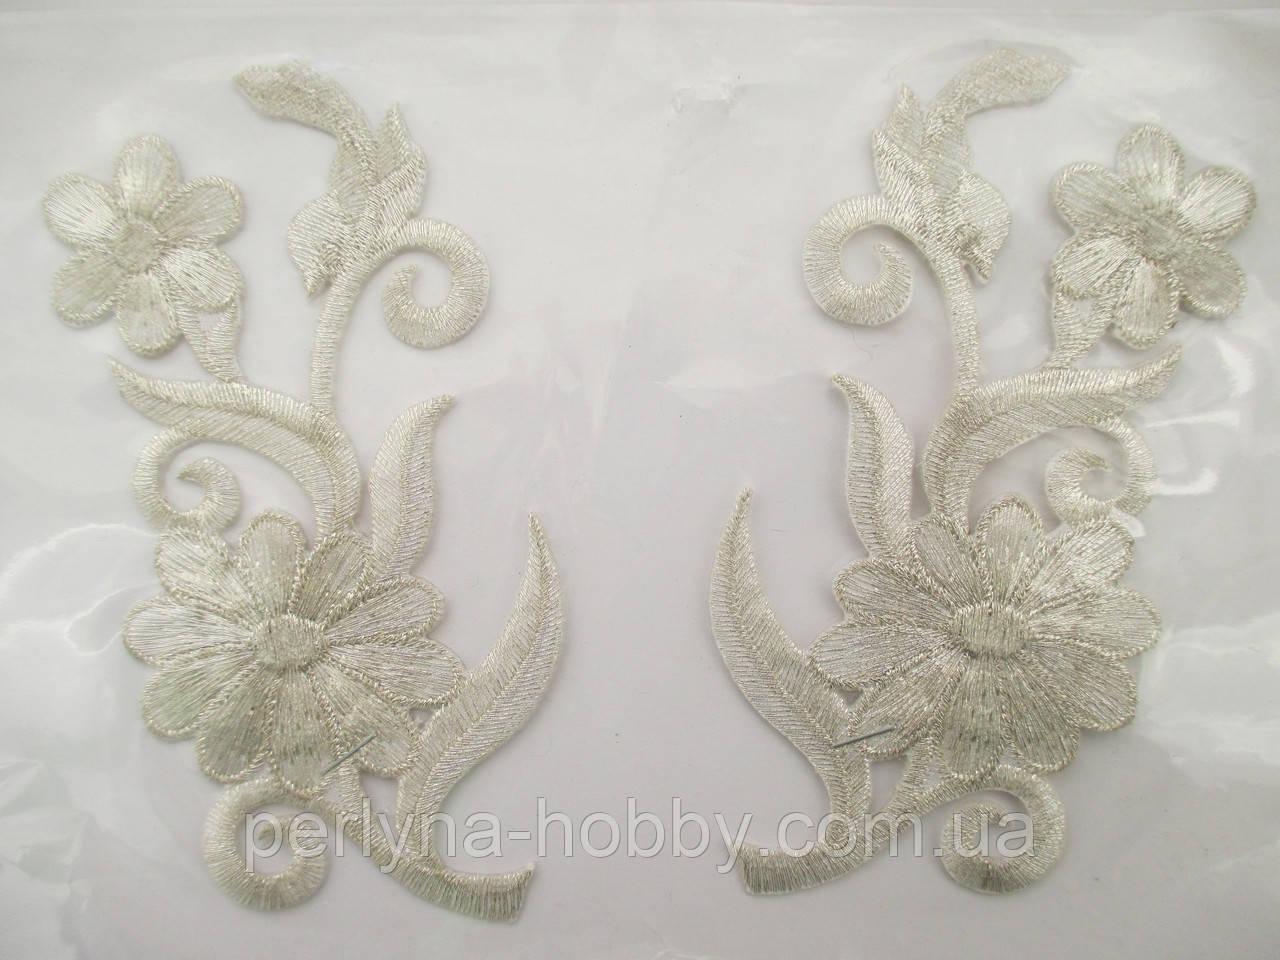 """Аплікація вишивка клейова парна """"Квіти"""" срібні, 12 см 1пара"""